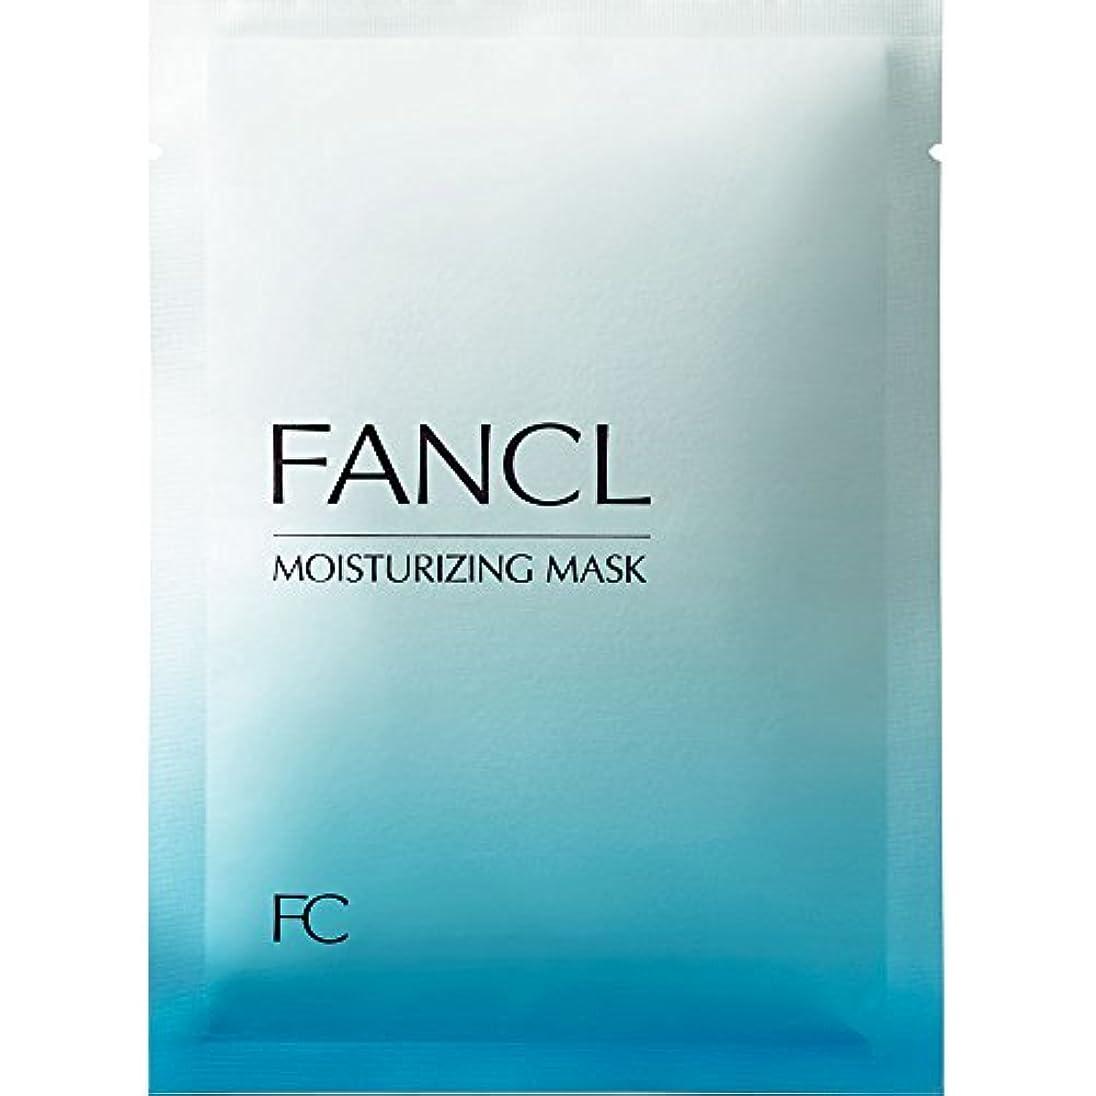 ファンケル(FANCL) モイスチャライジング マスク 18mL×6枚